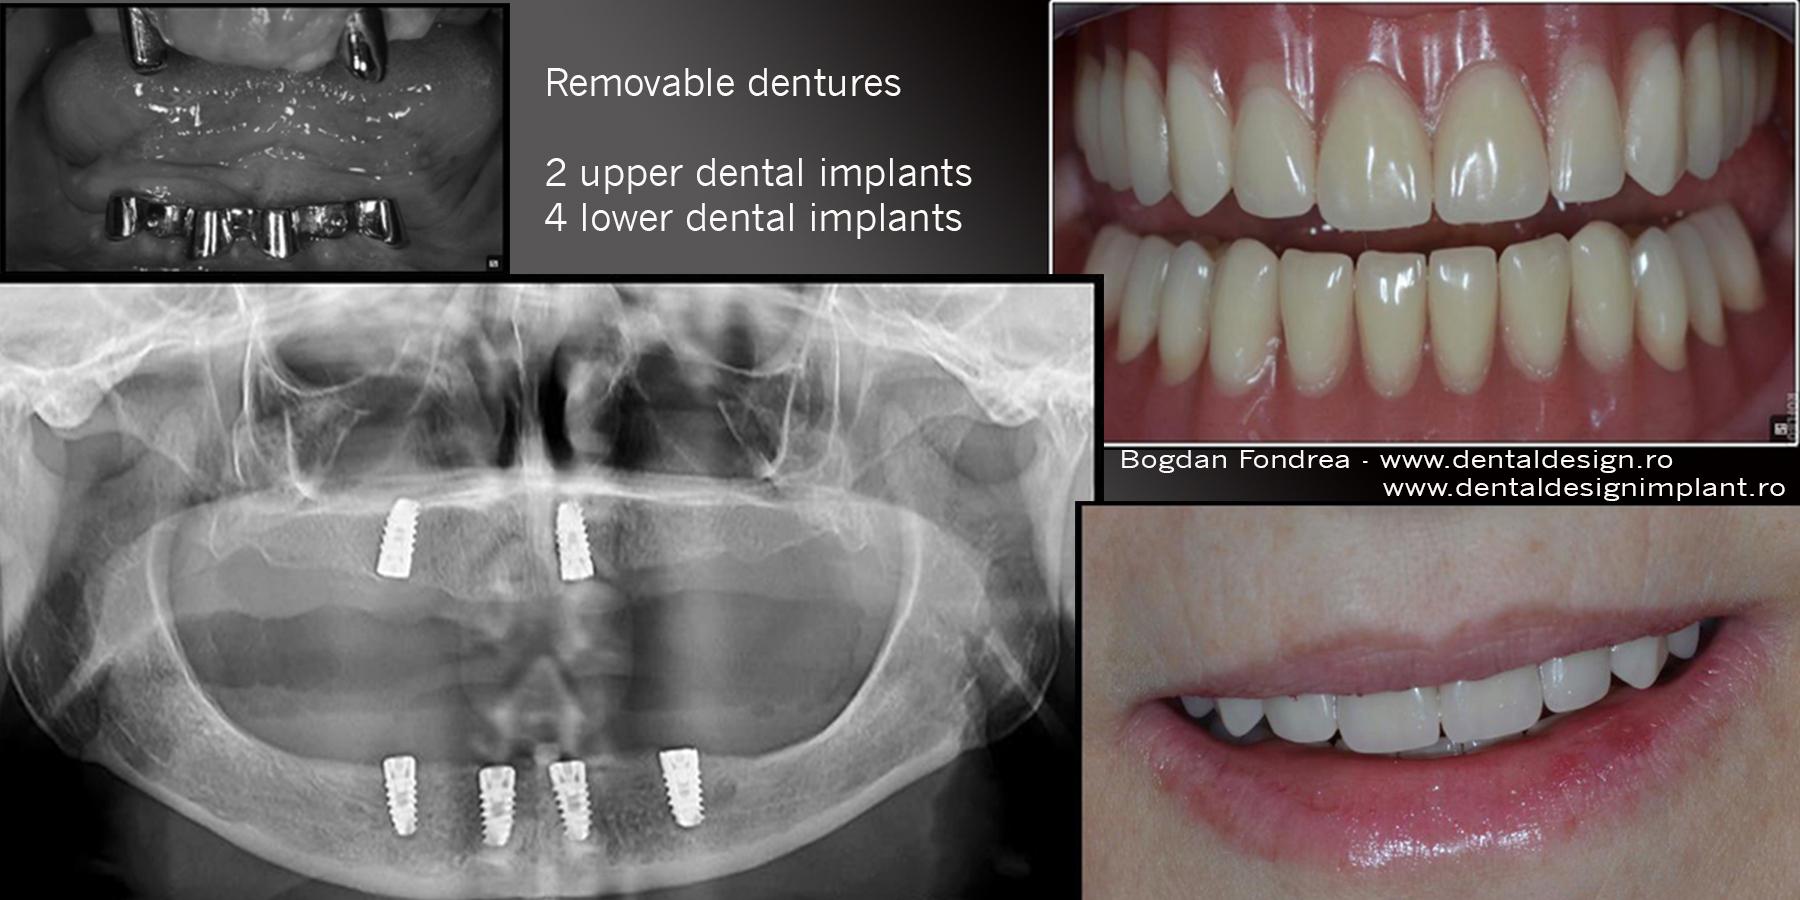 Clinica Dental Design Timisoara - pret implanturi dentare